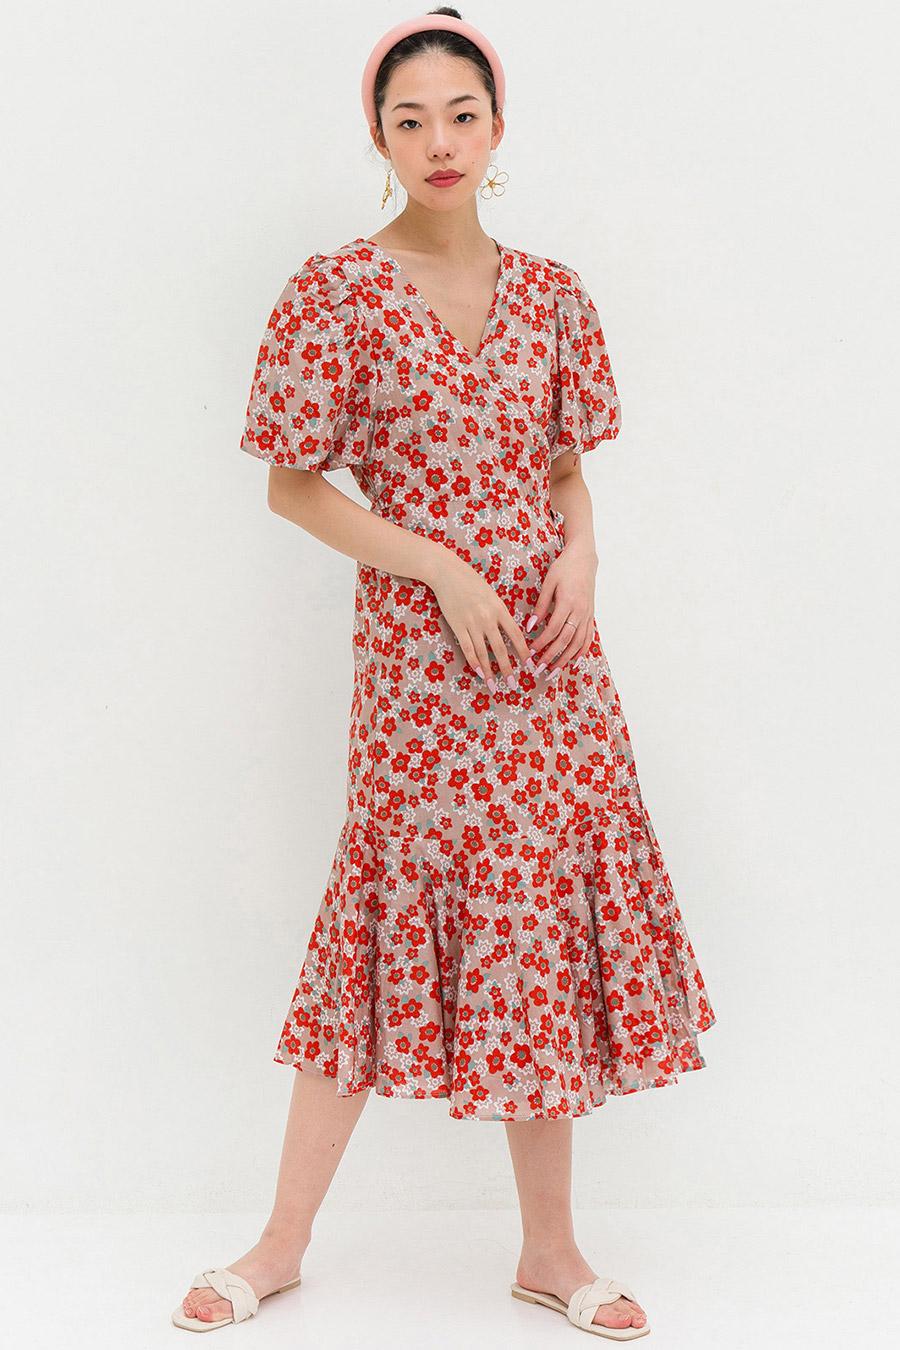 BRIELLE DRESS - NECTARINE